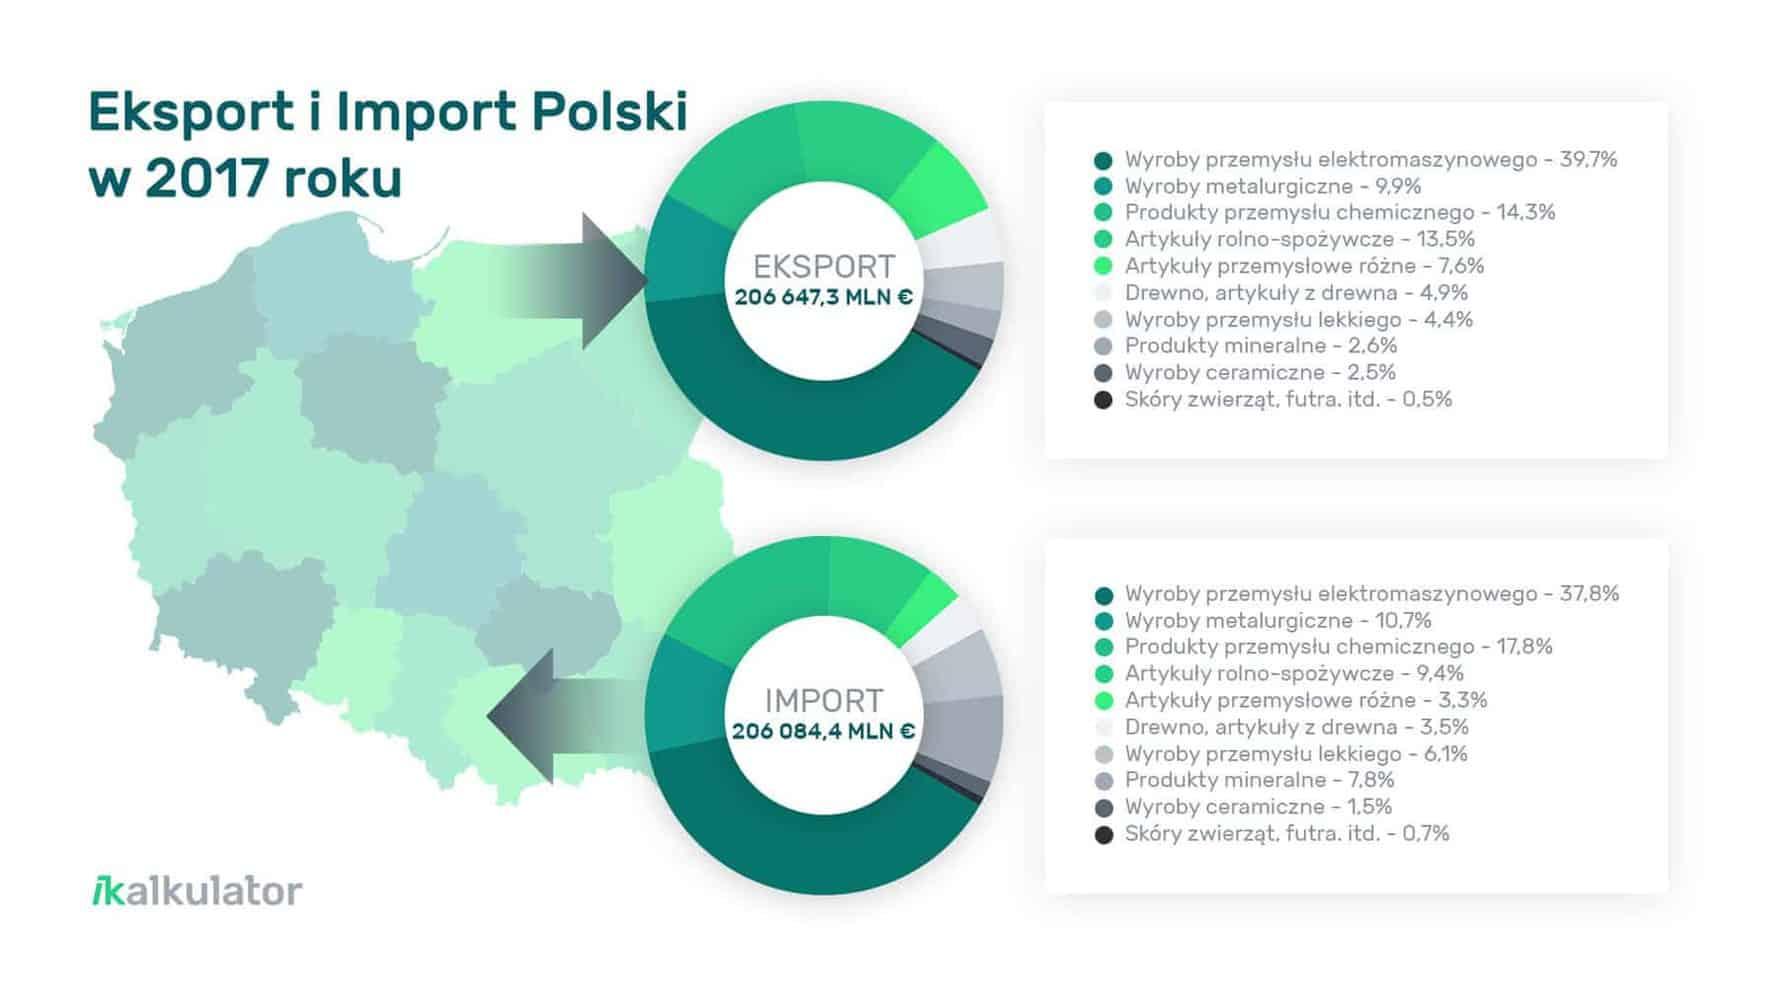 grafika przedstawiająca eksport i import Polski w 2017 roku w poszczególnych kategoriach